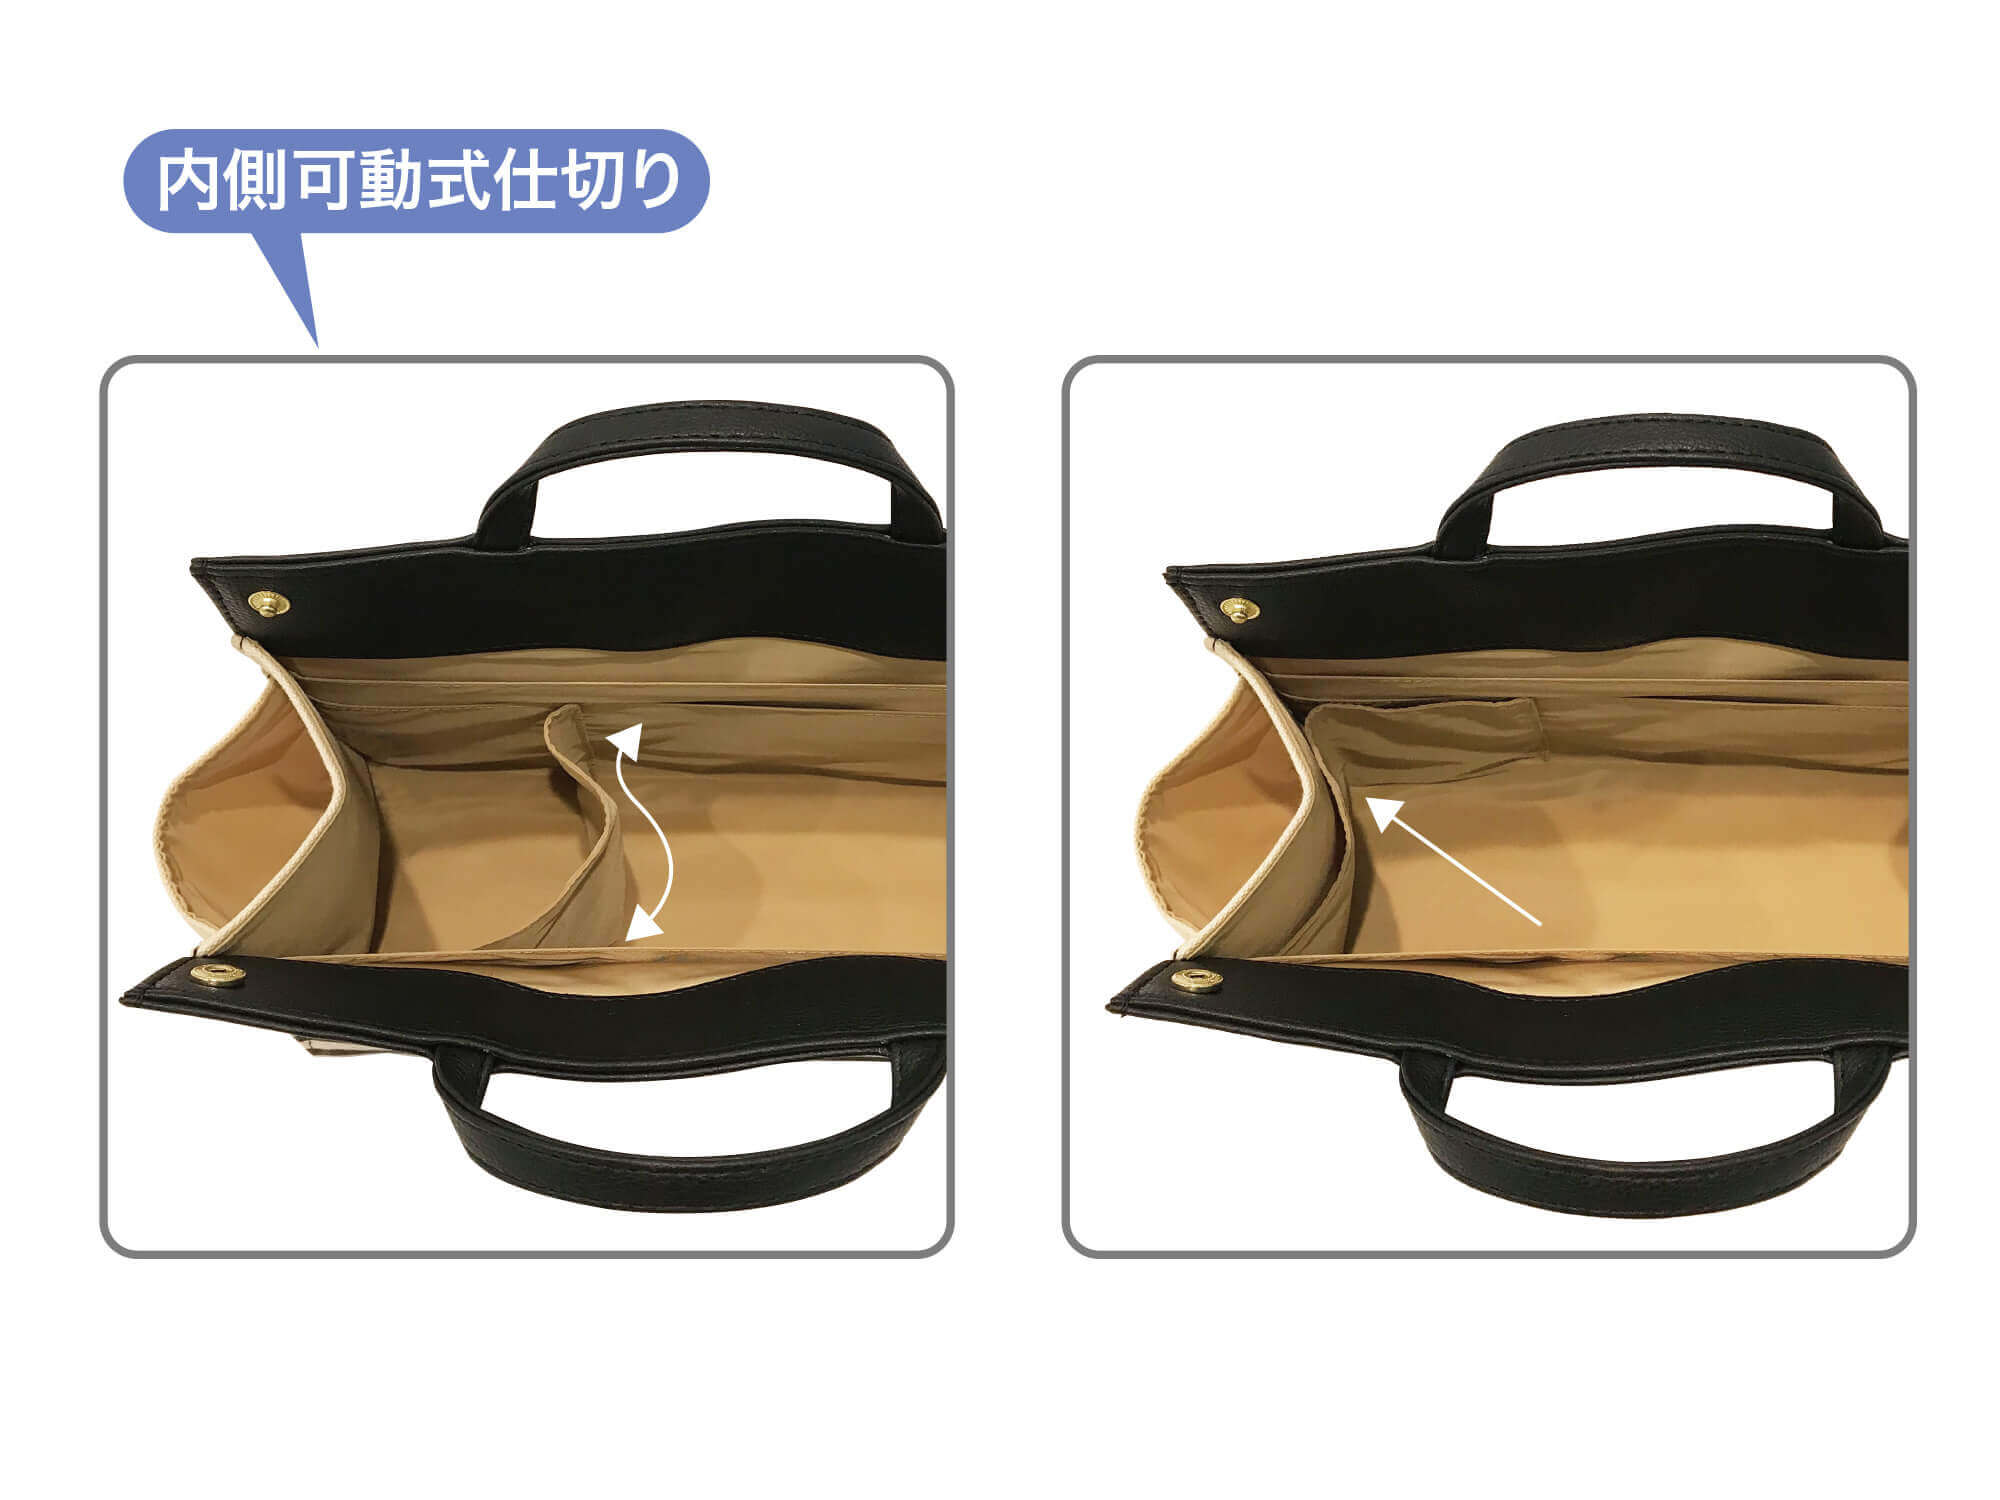 内側の可動式の仕切りは立てたいものを収納しやすく、たたむと全体のスペースを広く使えます。